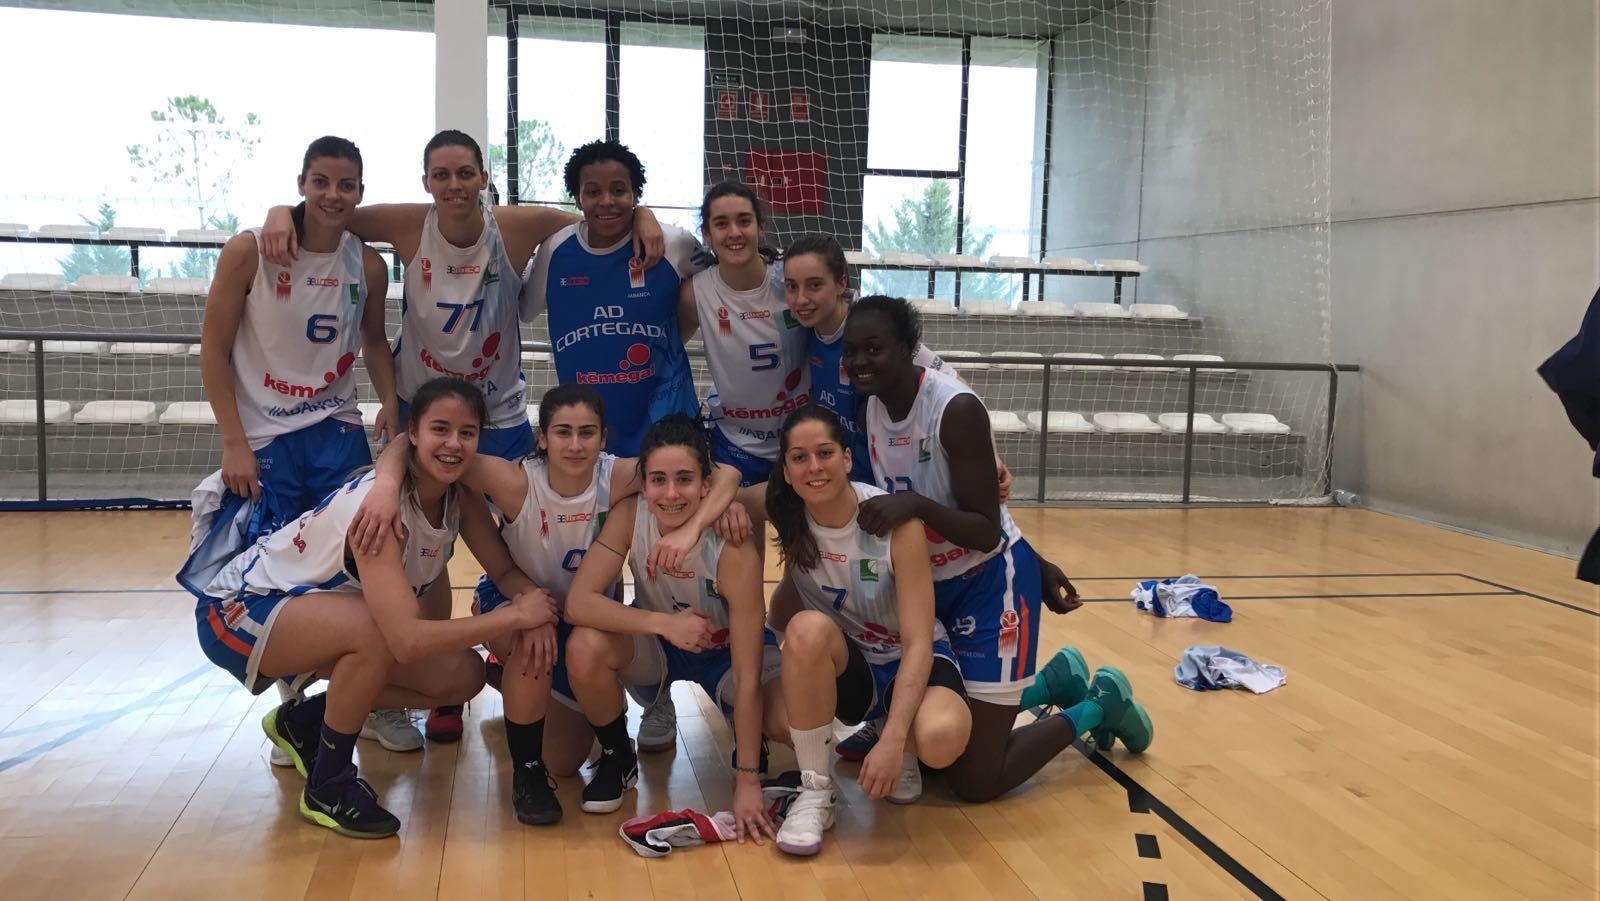 Un serio Kemegal- Cortegada gana en la cancha del Valladolid 45-62